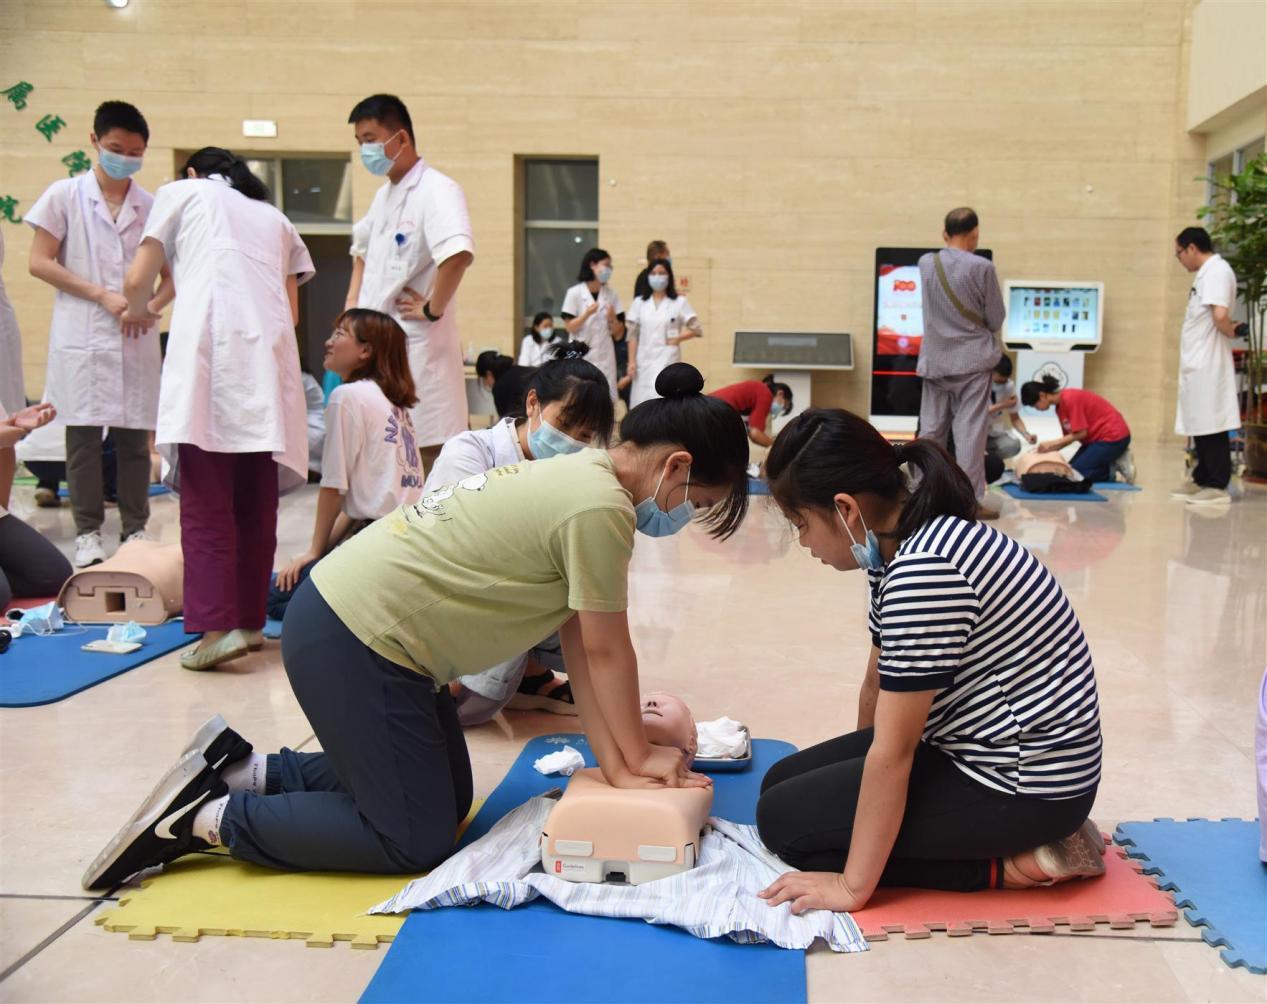 """临床技能培训中心组织""""心手相连 点亮生命""""暑期急救公益活动"""